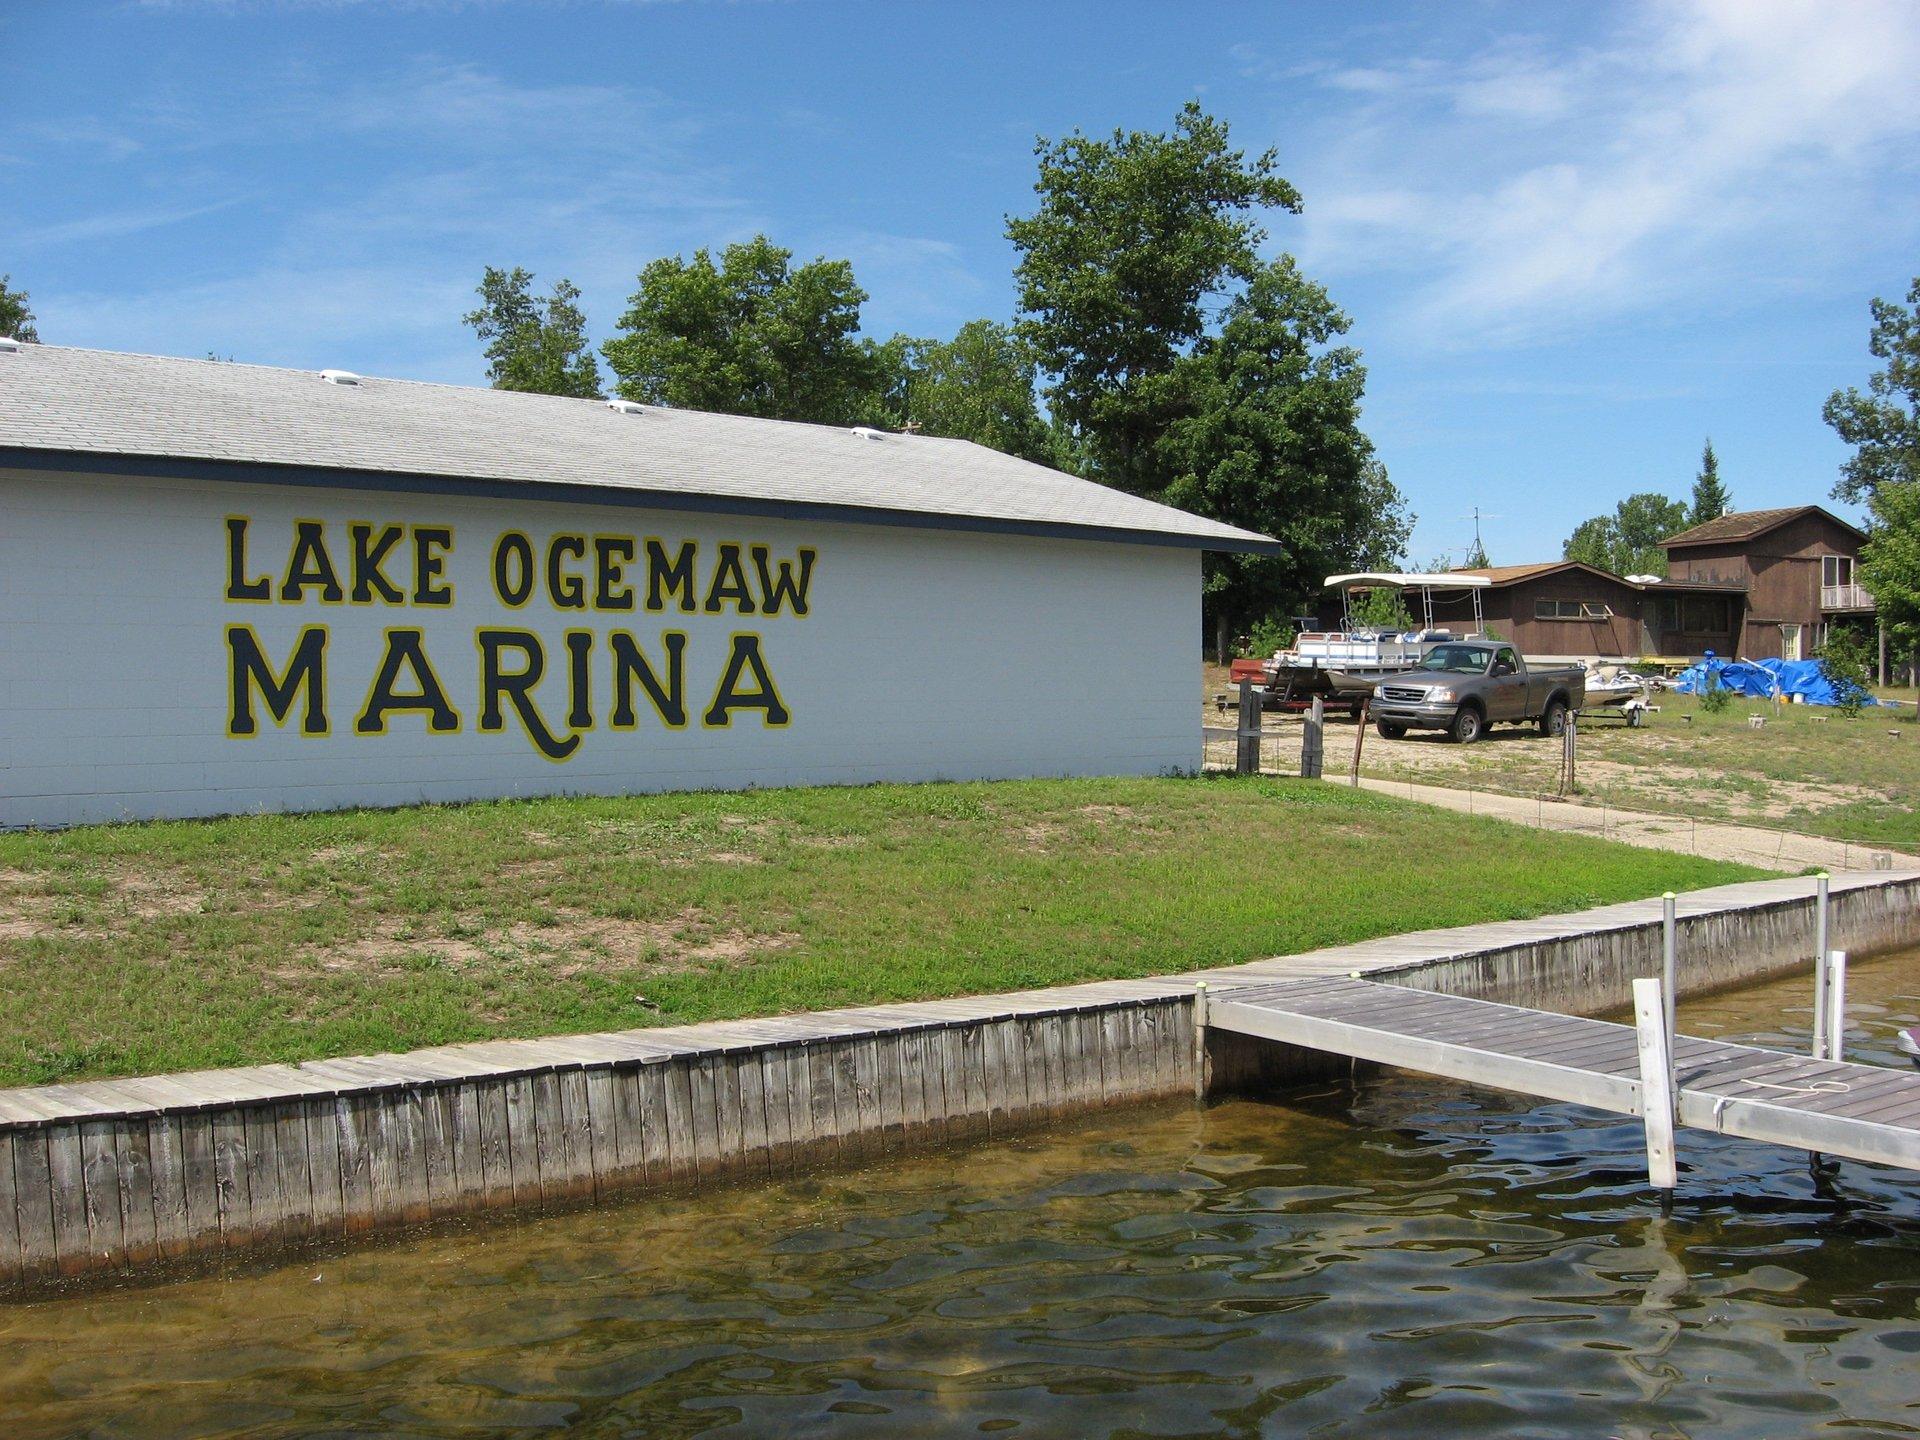 Lake Ogemaw Marina image 3